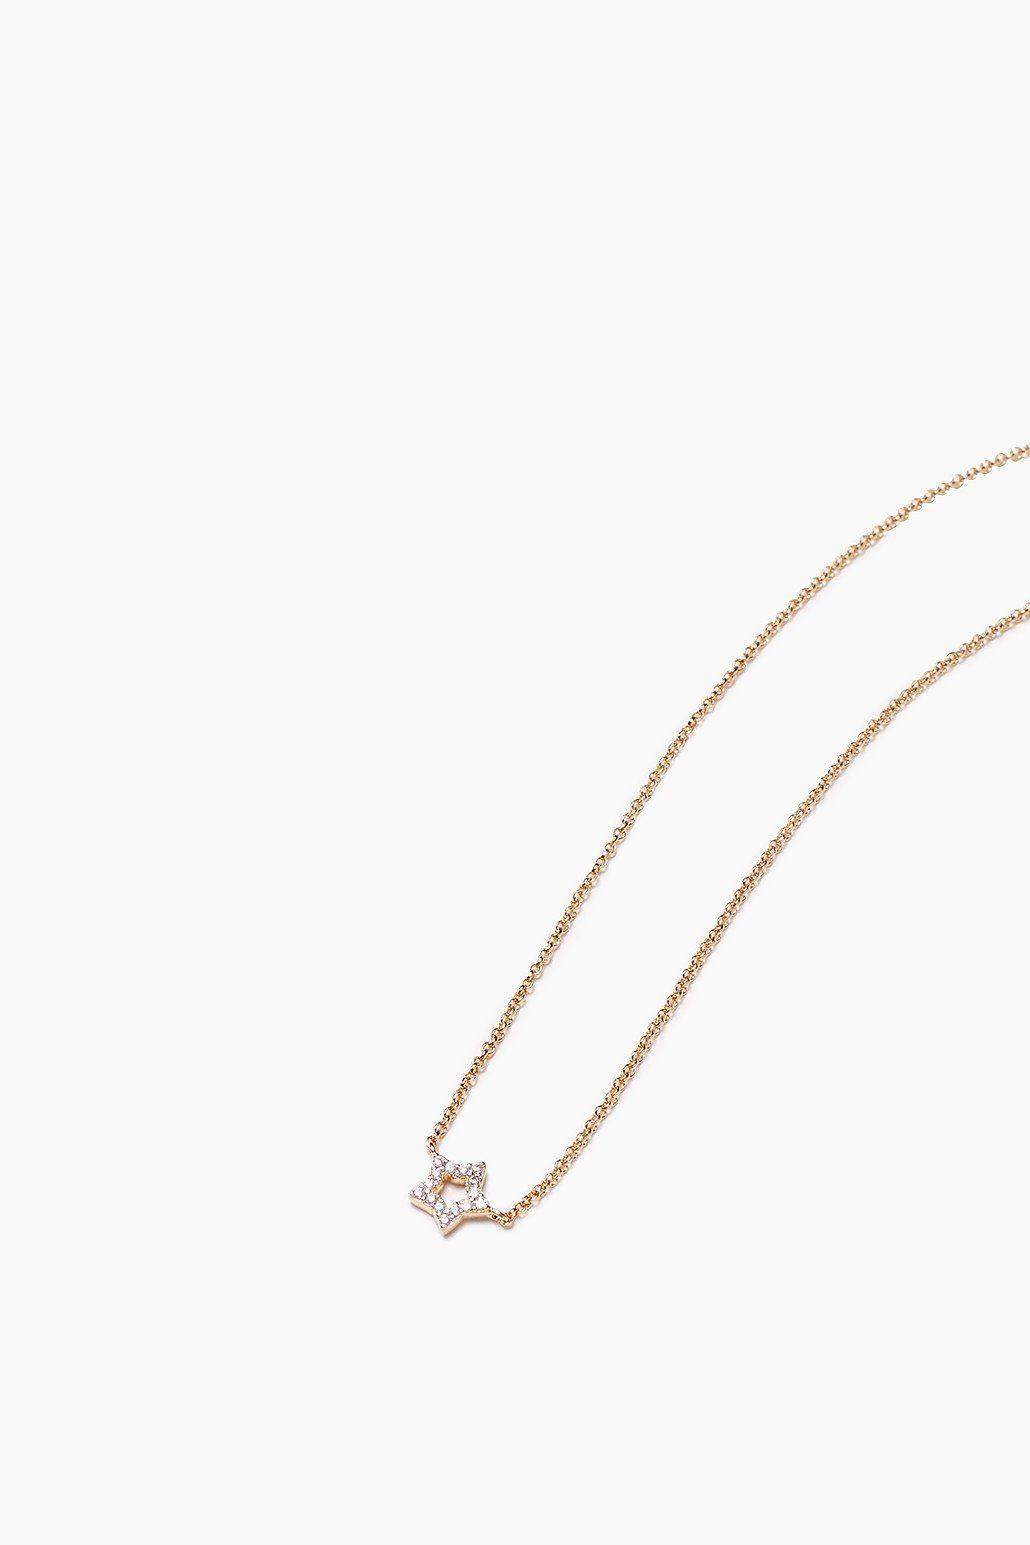 ESPRIT CASUAL Kette aus vergoldetem Sterling Silber